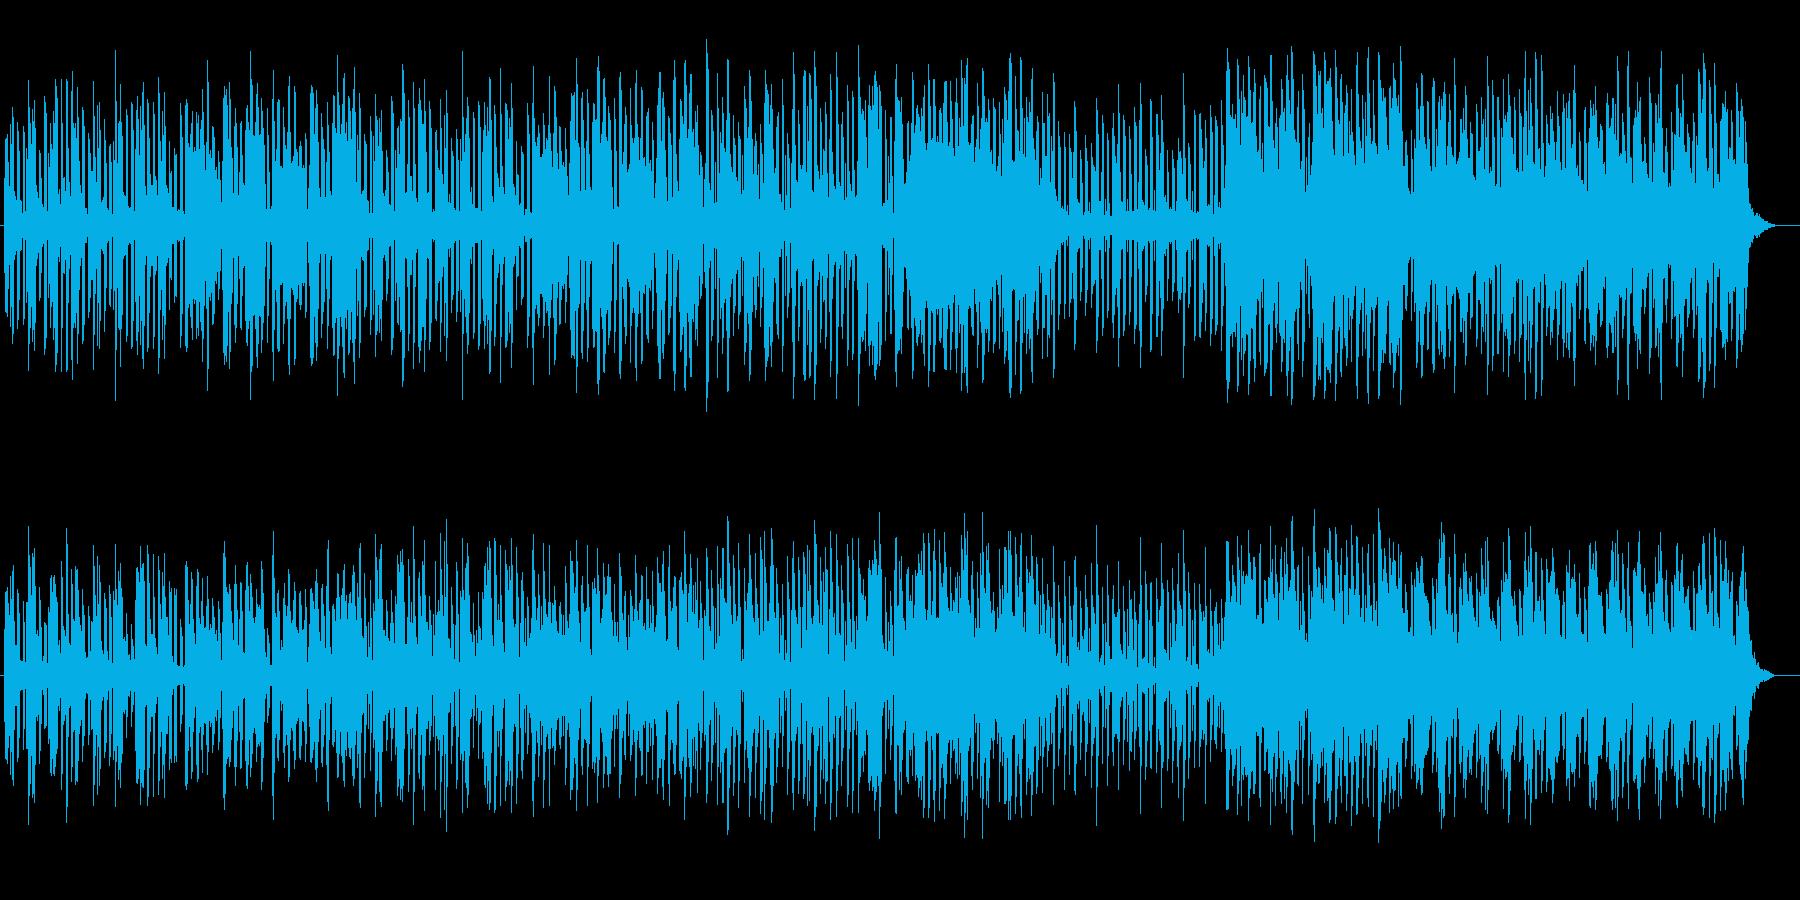 緩やかで可憐な木琴と笛のメロディーの再生済みの波形